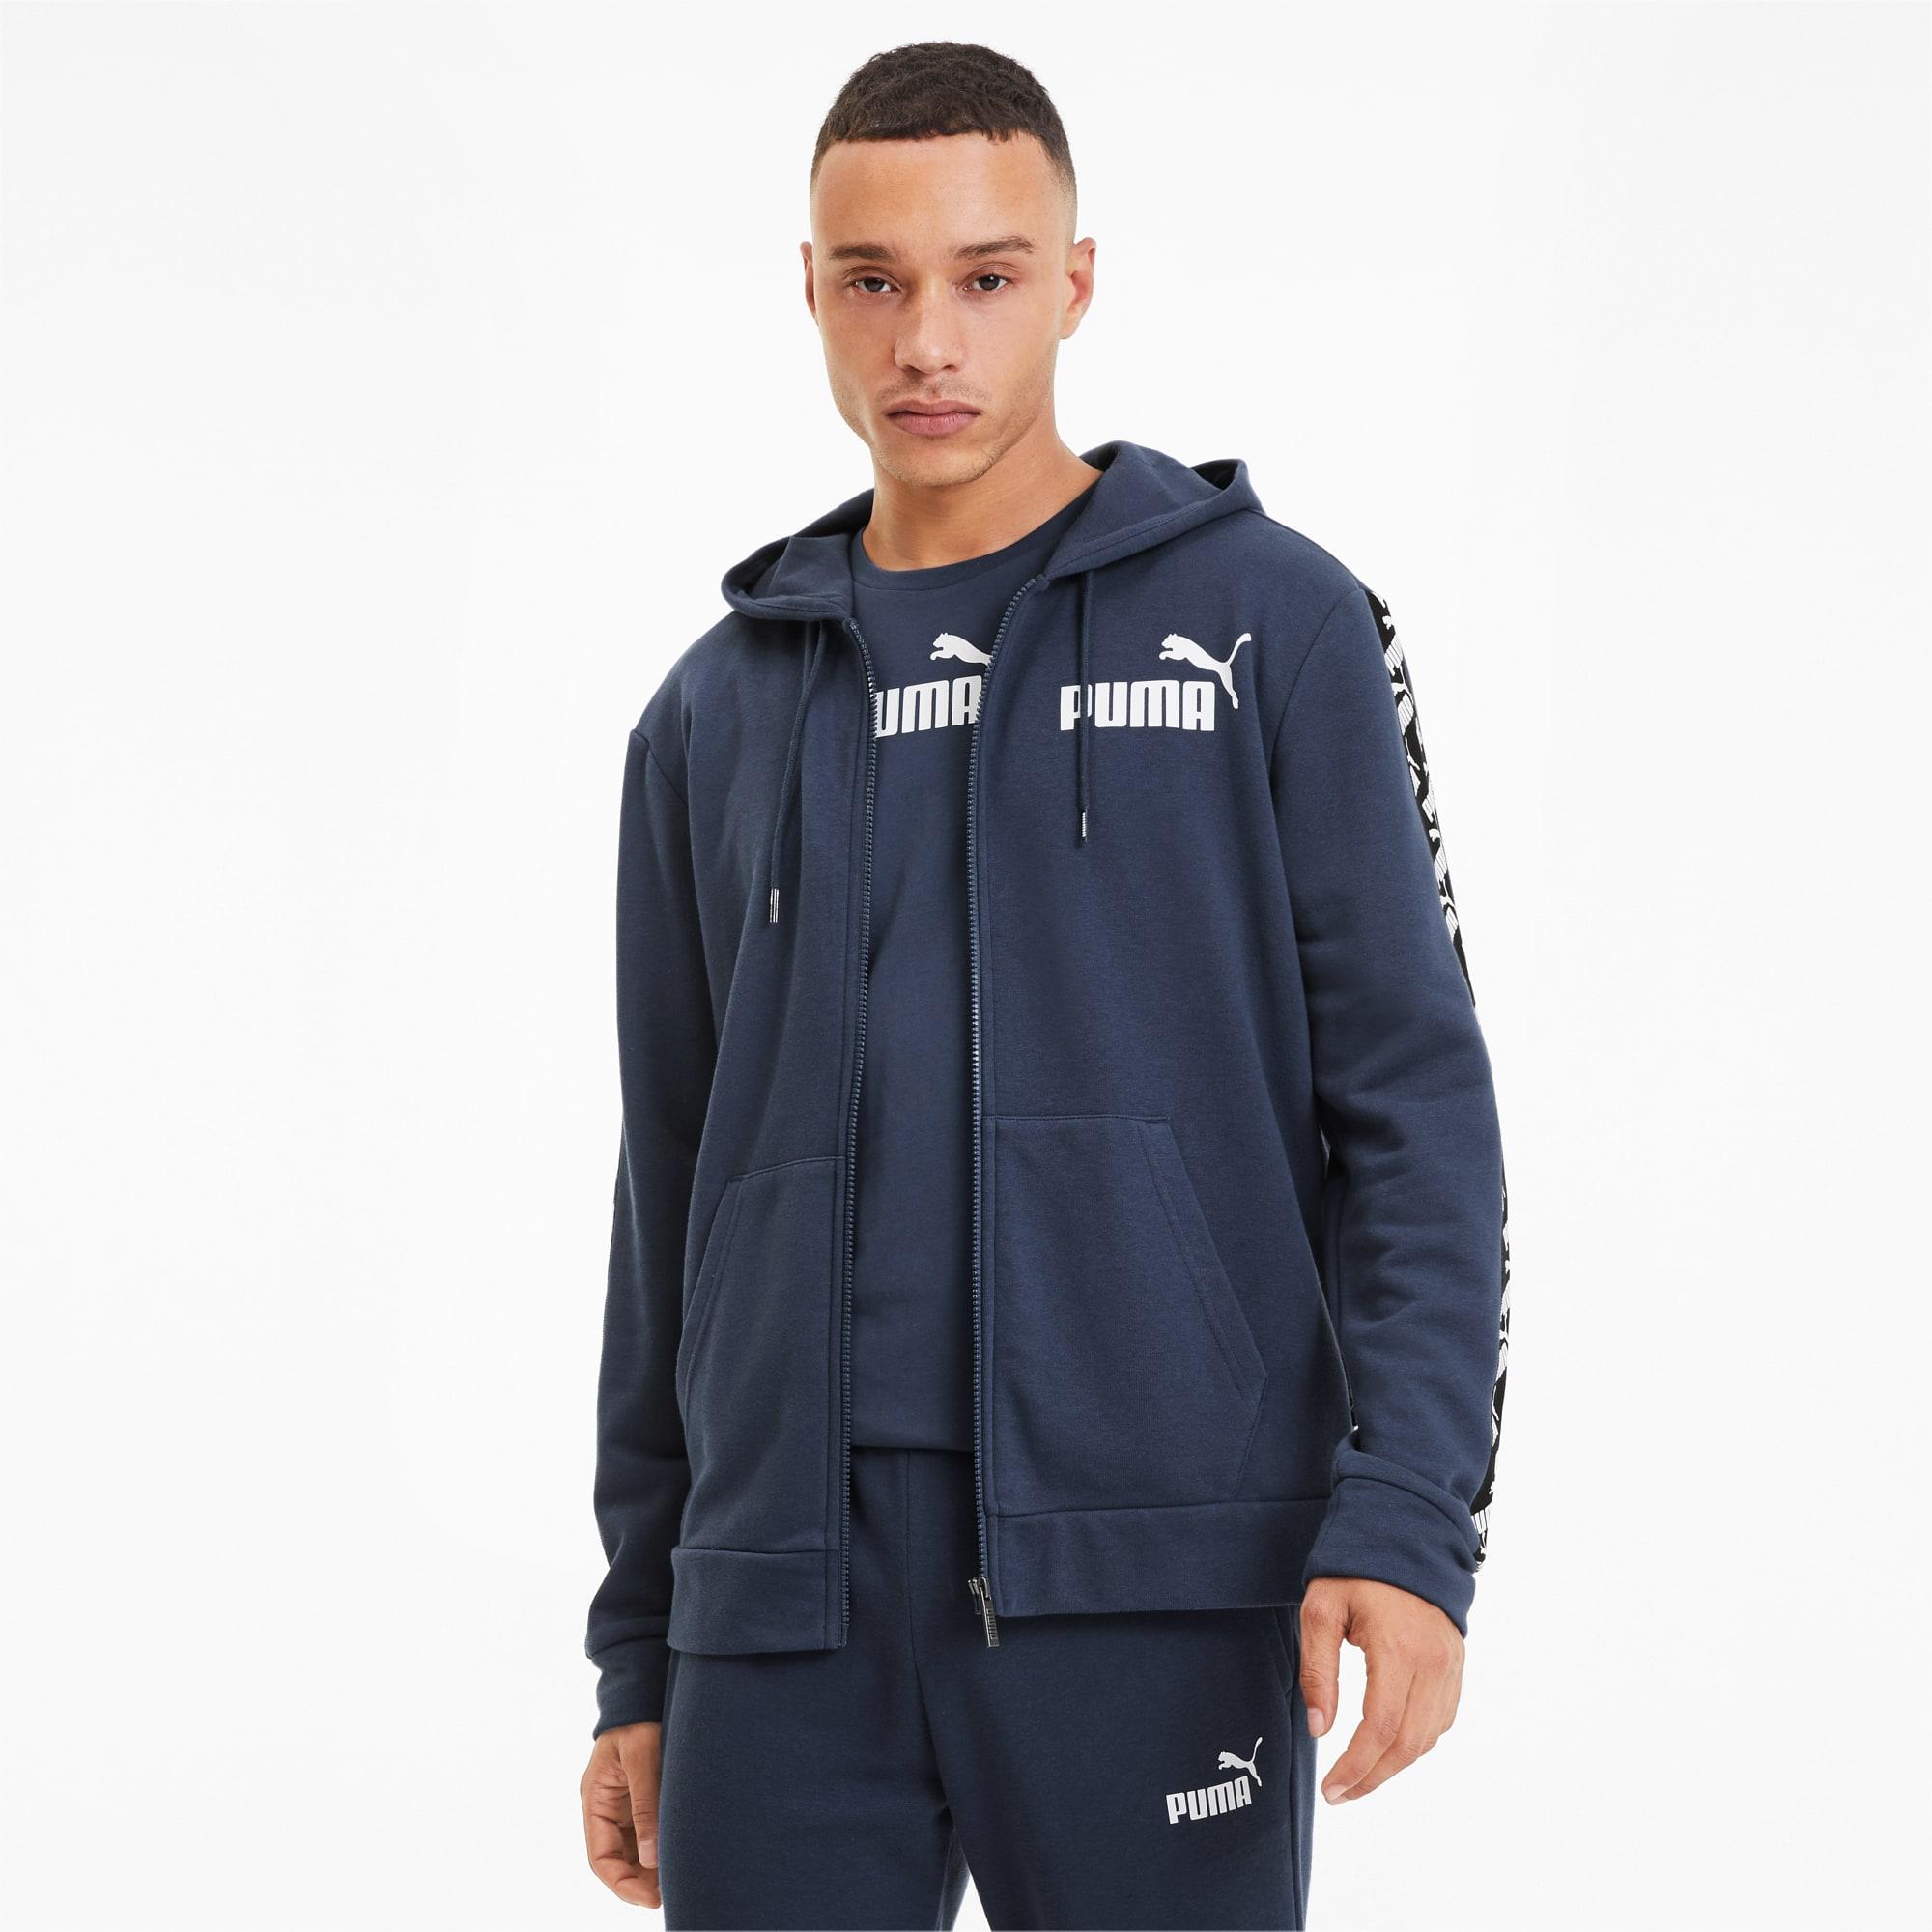 blouson de sweat à capuche amplified training pour homme, bleu, taille xs, vêtements